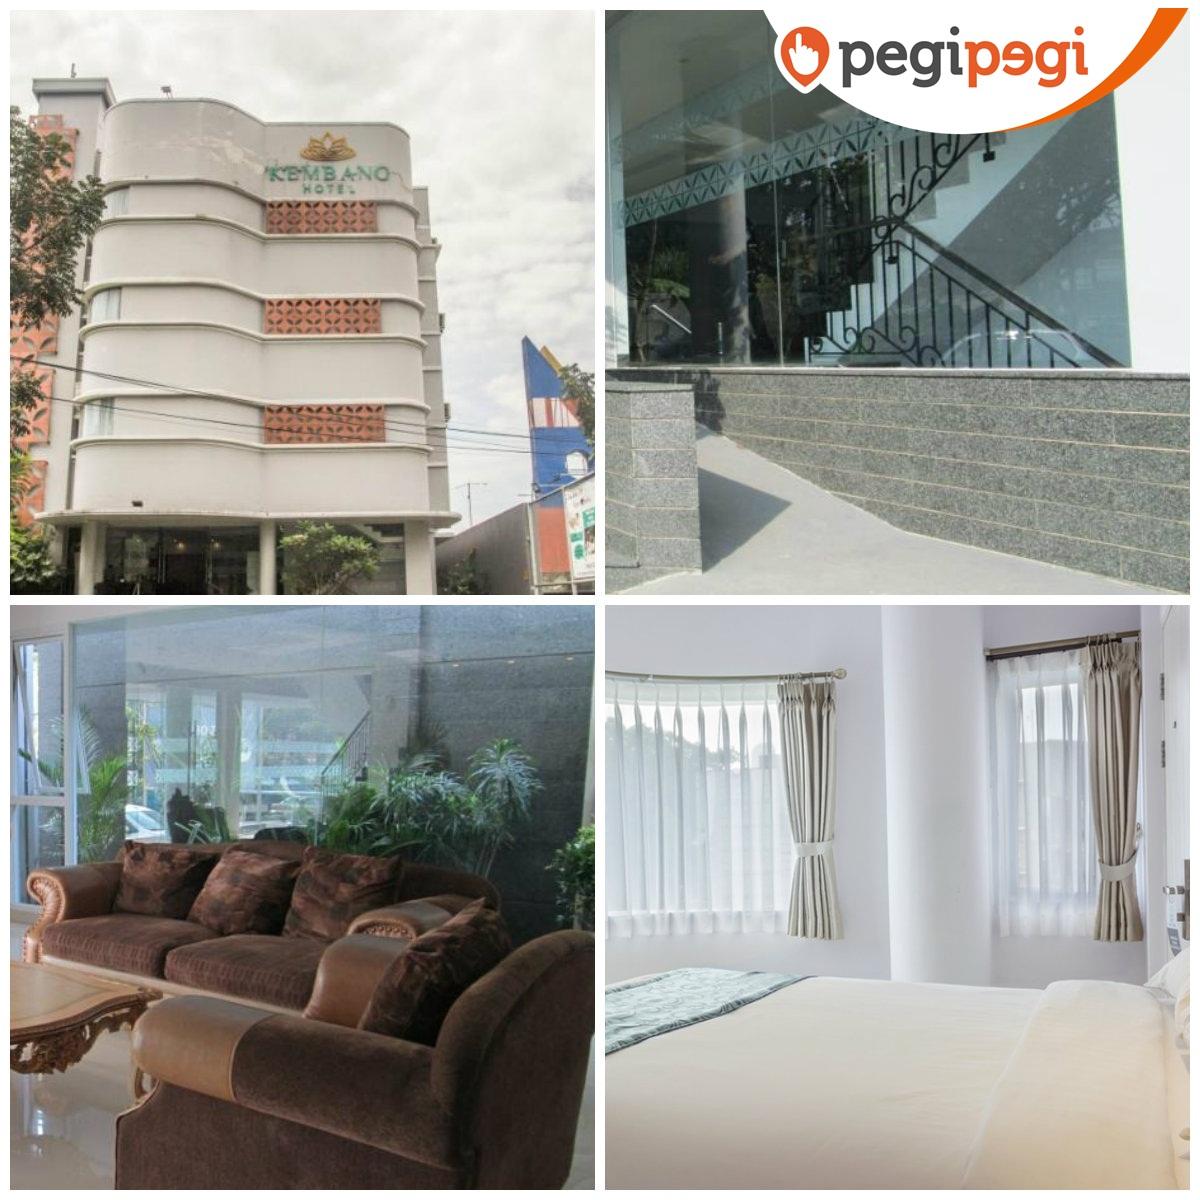 Kembang Hotel Bandung Pegipegi Travel Blog